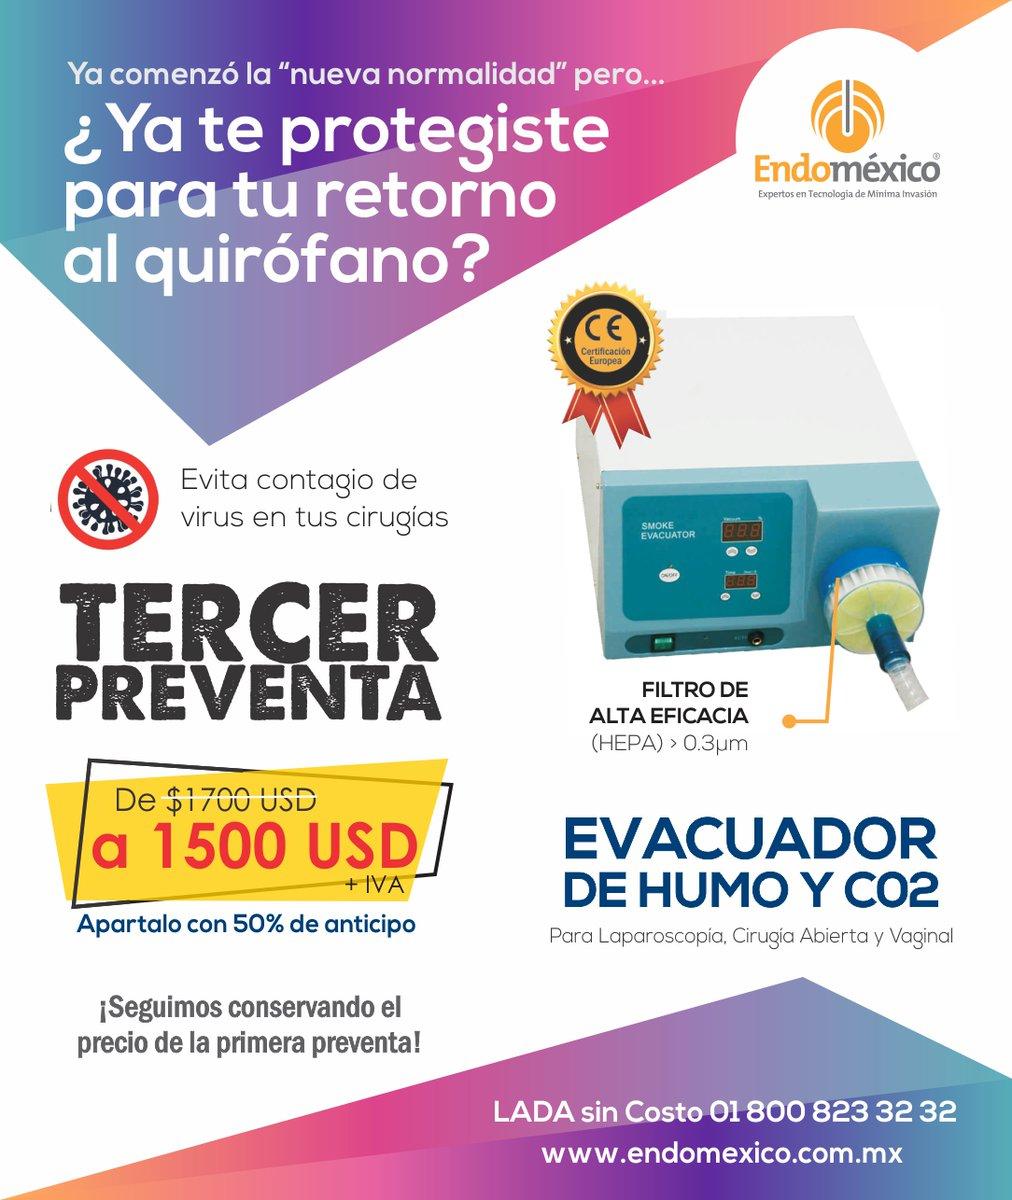 📣 ATENCIÓN: Cirujan@s, doctor@s, enfermer@s y todo el personal de #quirófano 📣 🔥 Tenemos LA 3RA PREVENTA 🔥 📞 LADA sin Costo: 01 800 823 32 32 📱WHATSAPP: (+521) 22 24 55 99 75  #laparoscopia #endomexico #cirugia #cirujanos #COVID19 #equipomedico #instrumentalmedico #hospital https://t.co/GUTq9hKPIL